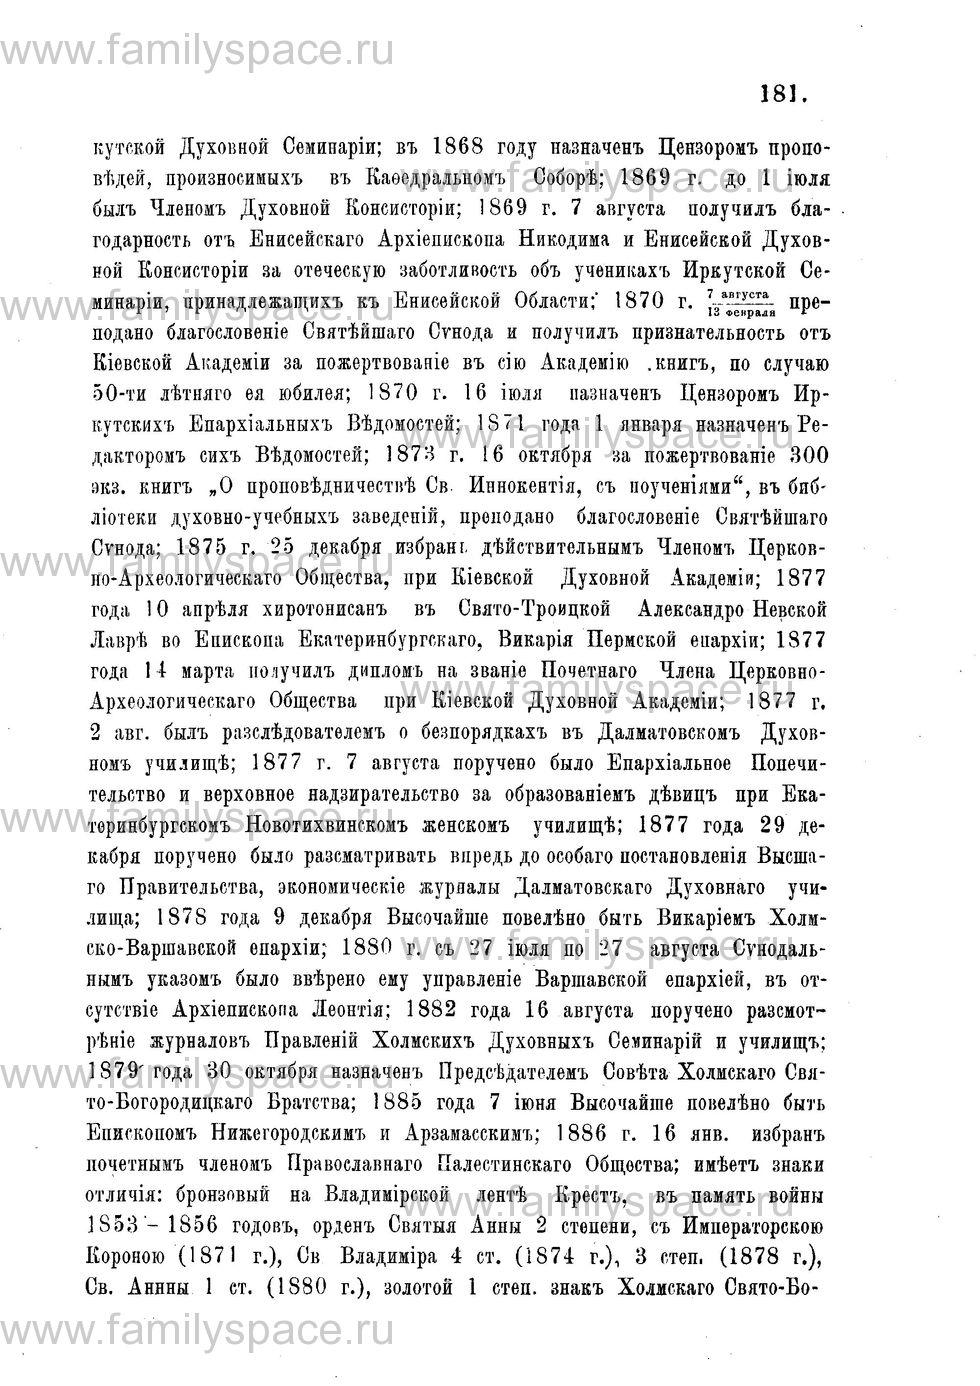 Поиск по фамилии - Адрес-календарь Нижегородской епархии на 1888 год, страница 1181